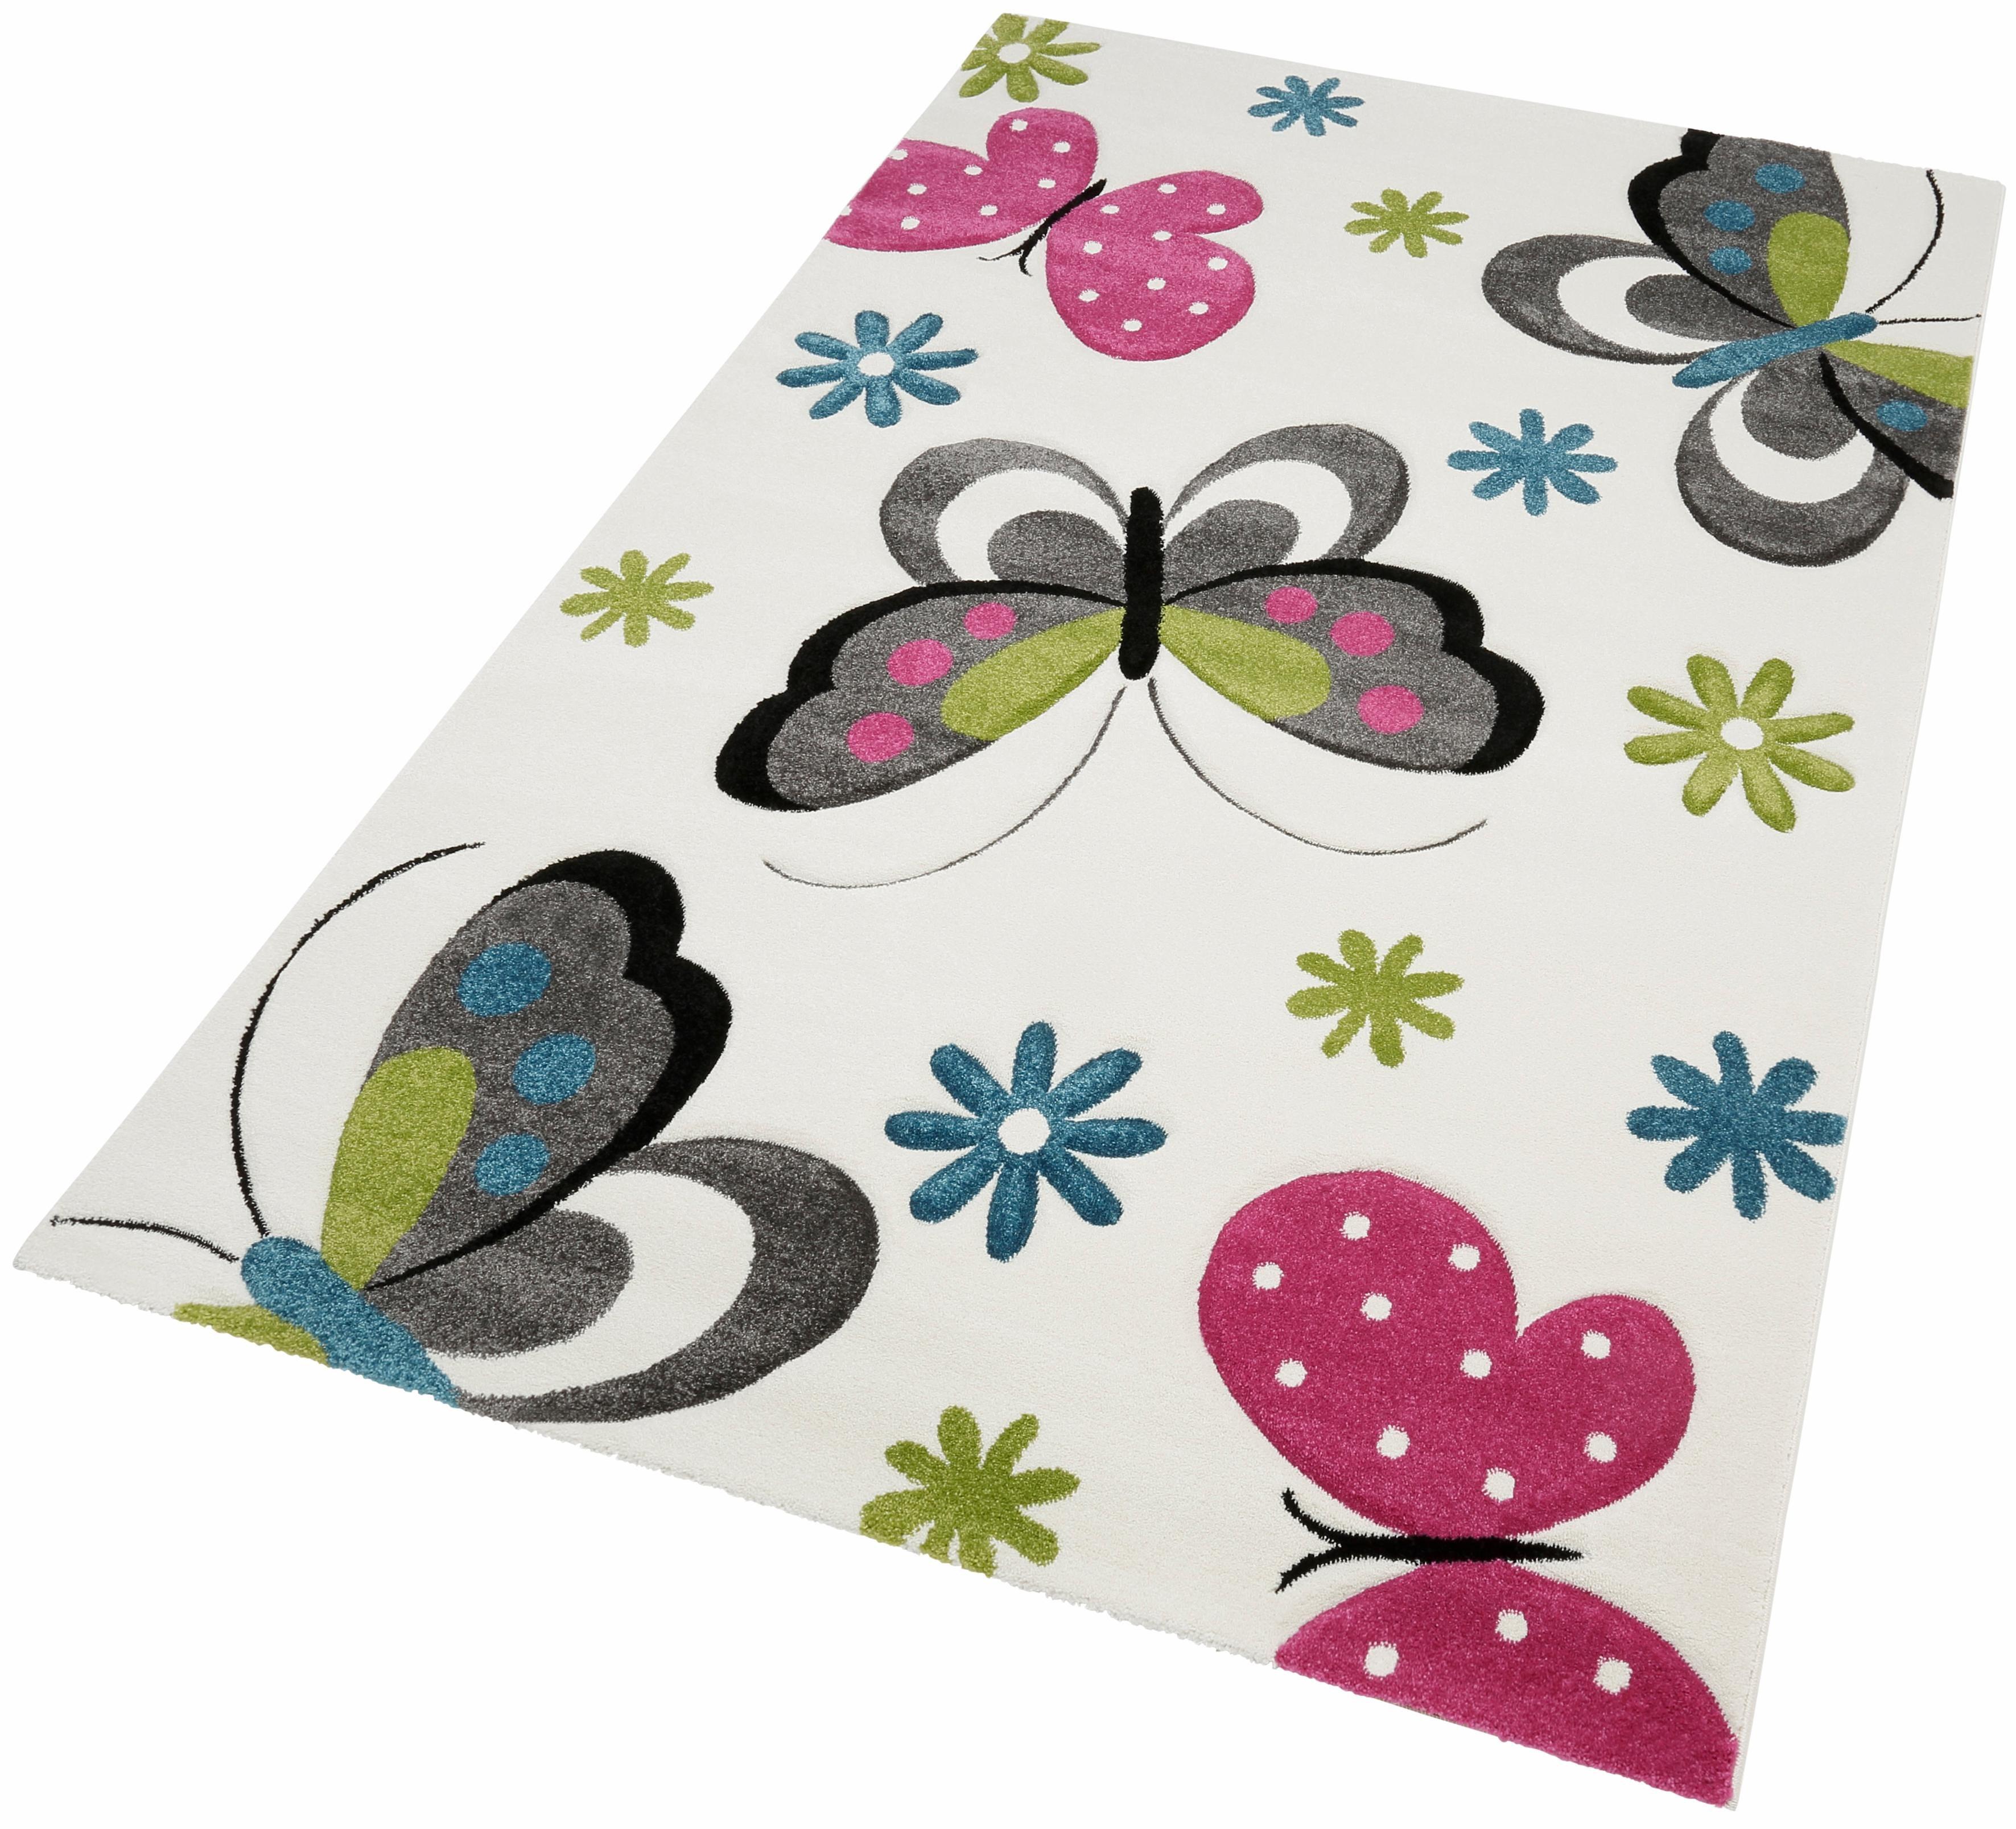 Kinderteppich »GARTEMPE«, merinos, rechteckig, Höhe 13 mm, handgearbeiteter Konturenschnitt | Kinderzimmer > Textilien für Kinder > Kinderteppiche | merinos